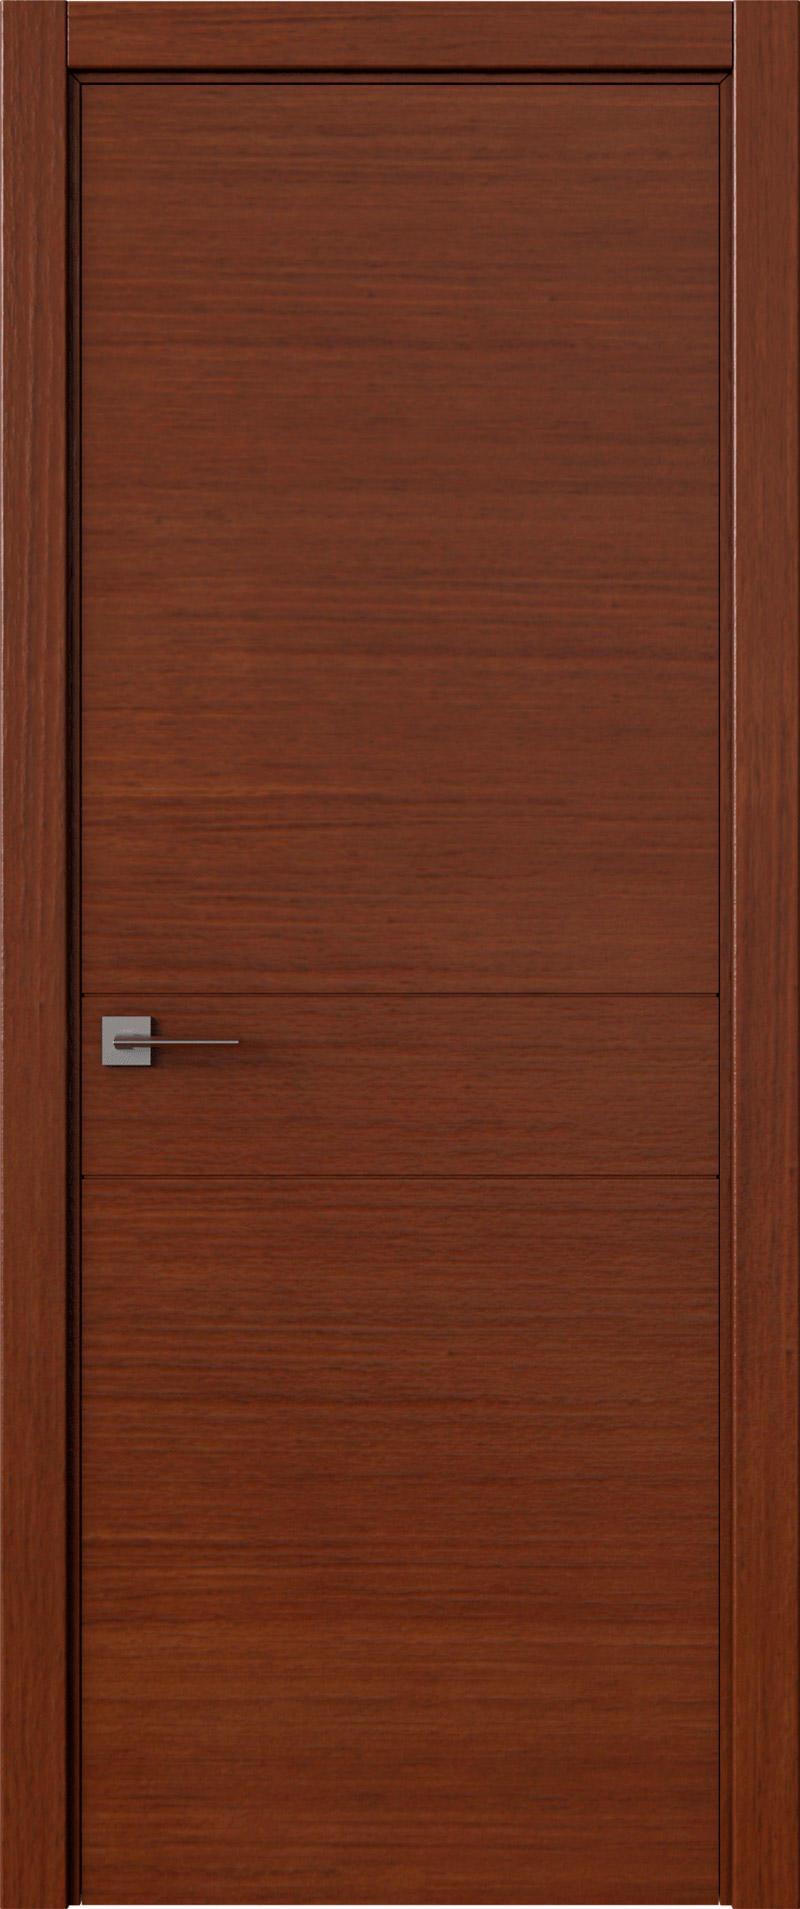 Tivoli И-2 цвет - Темный орех Без стекла (ДГ)